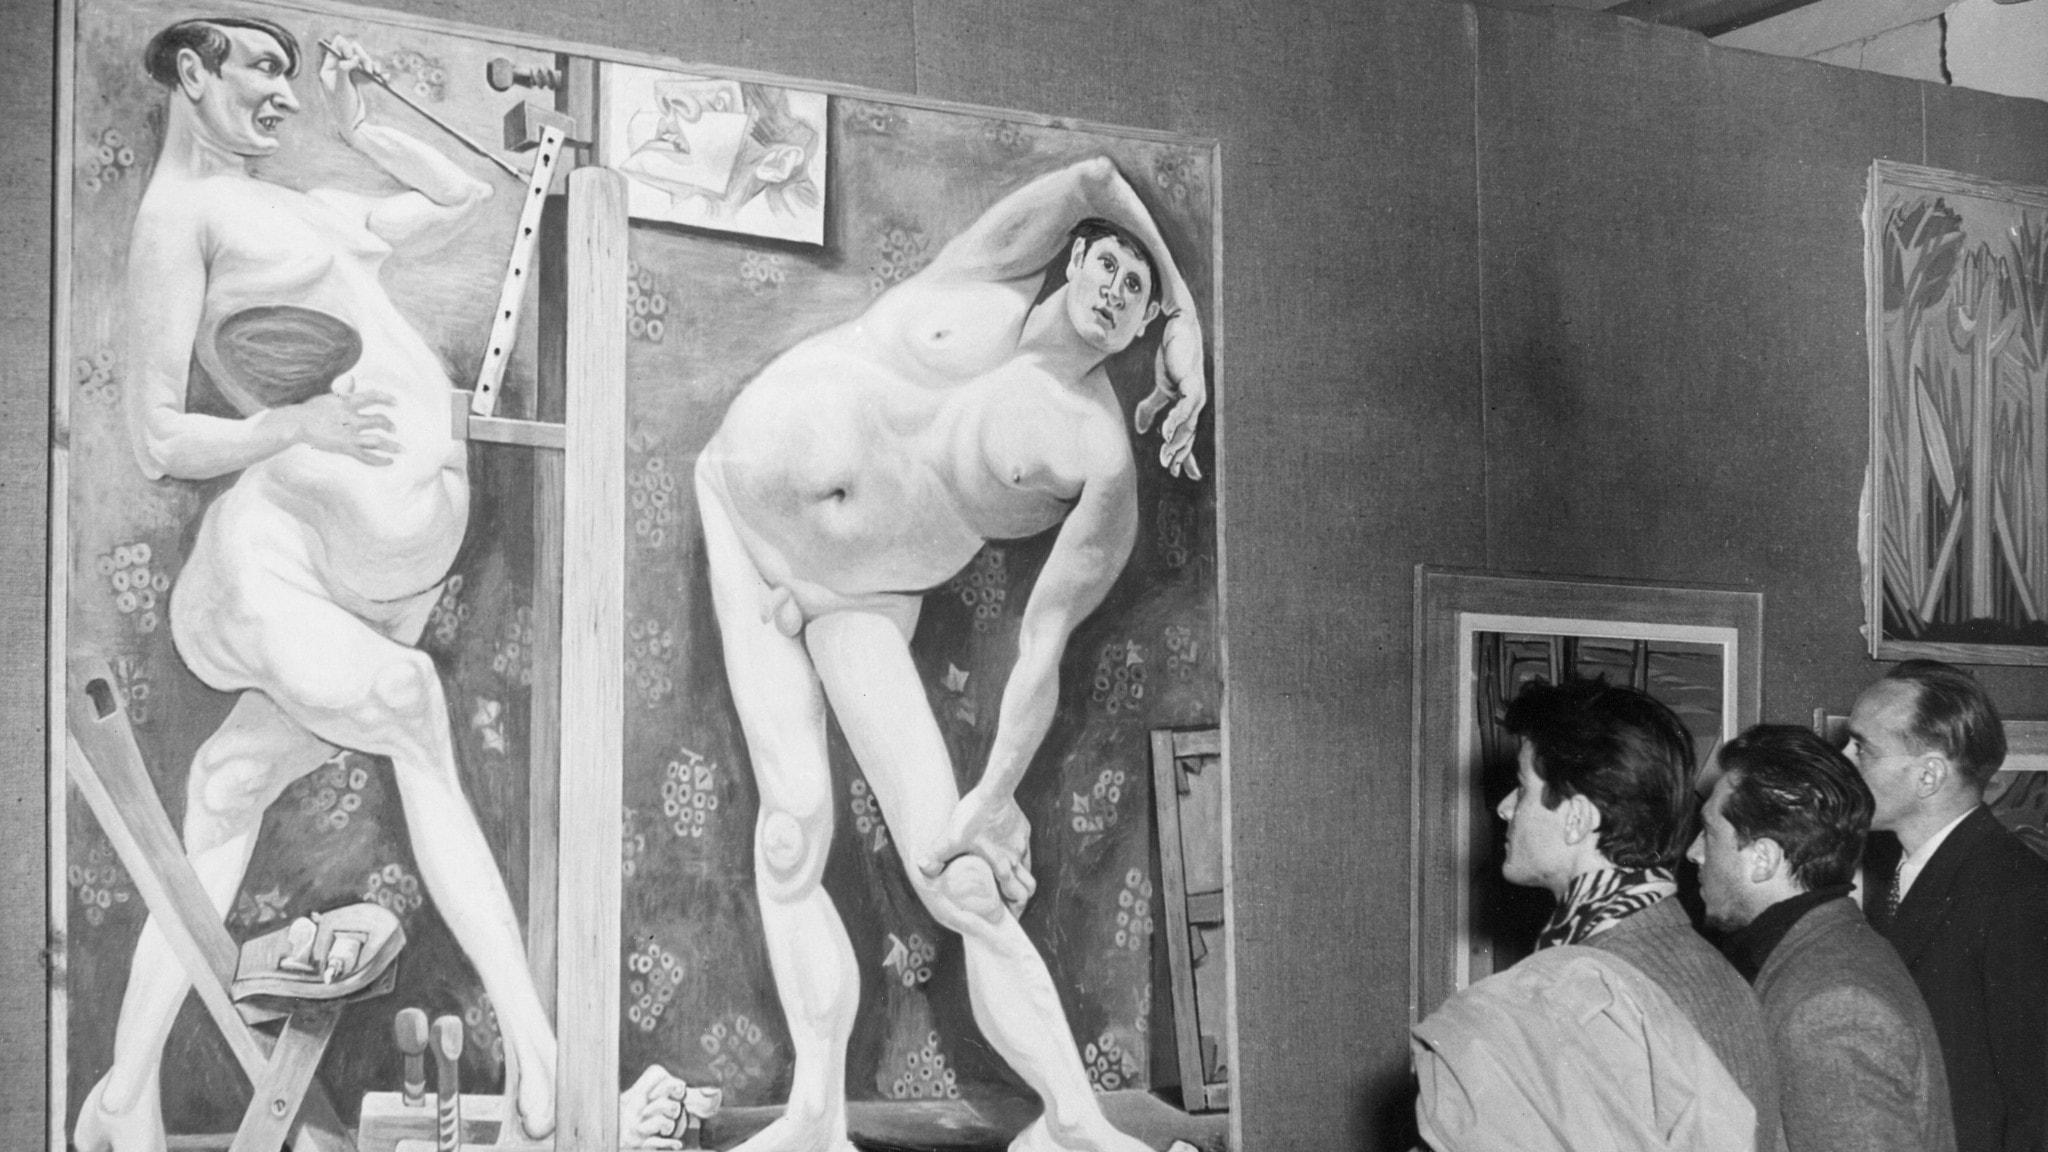 Besökare på konstsalong i Paris betraktar ett verk av Goebel.